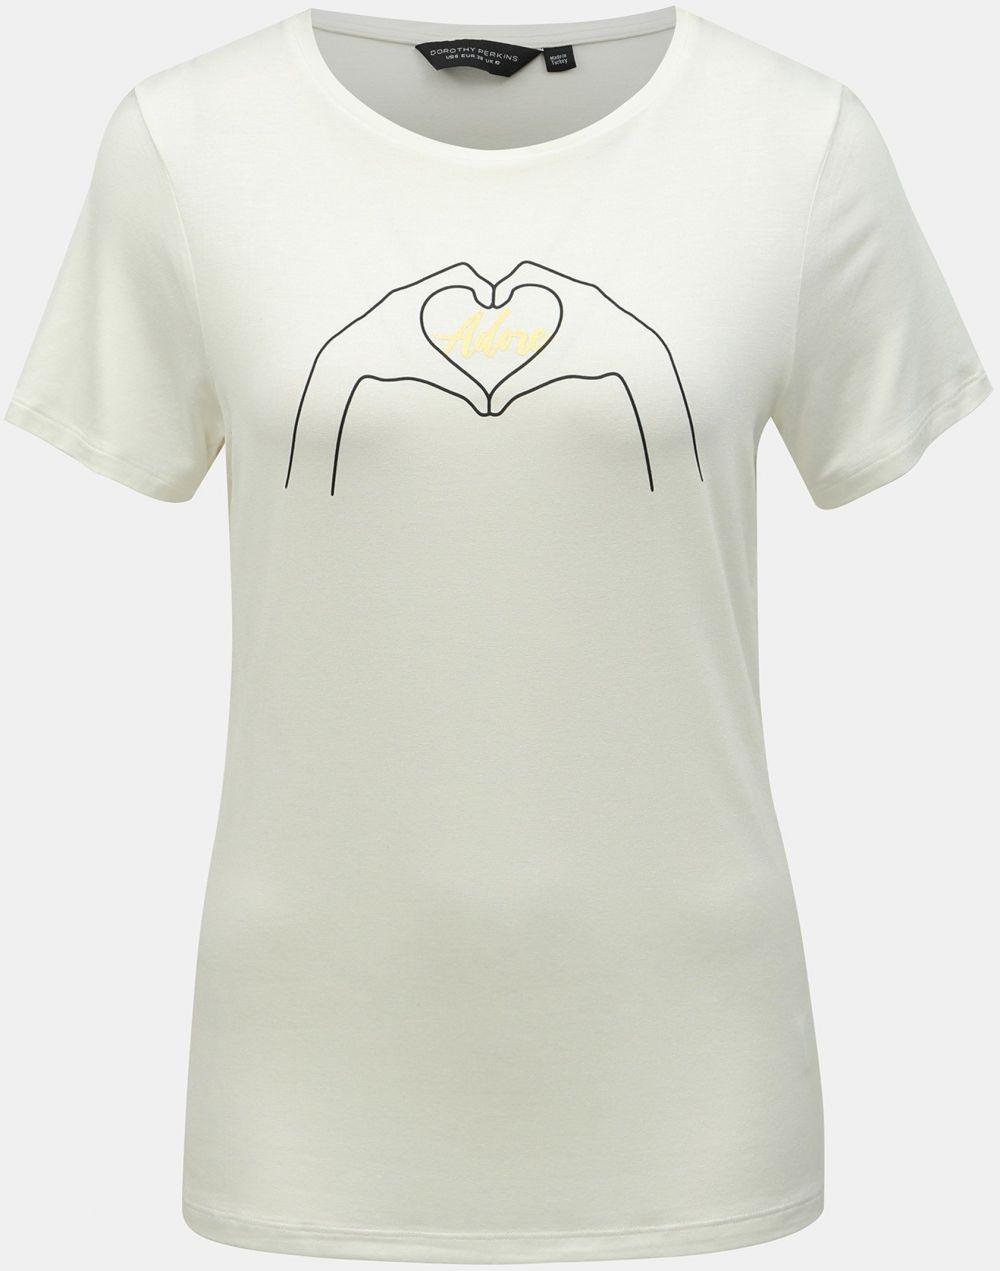 db7091672461 Biele tričko s potlačou Dorothy Perkins značky Dorothy Perkins ...